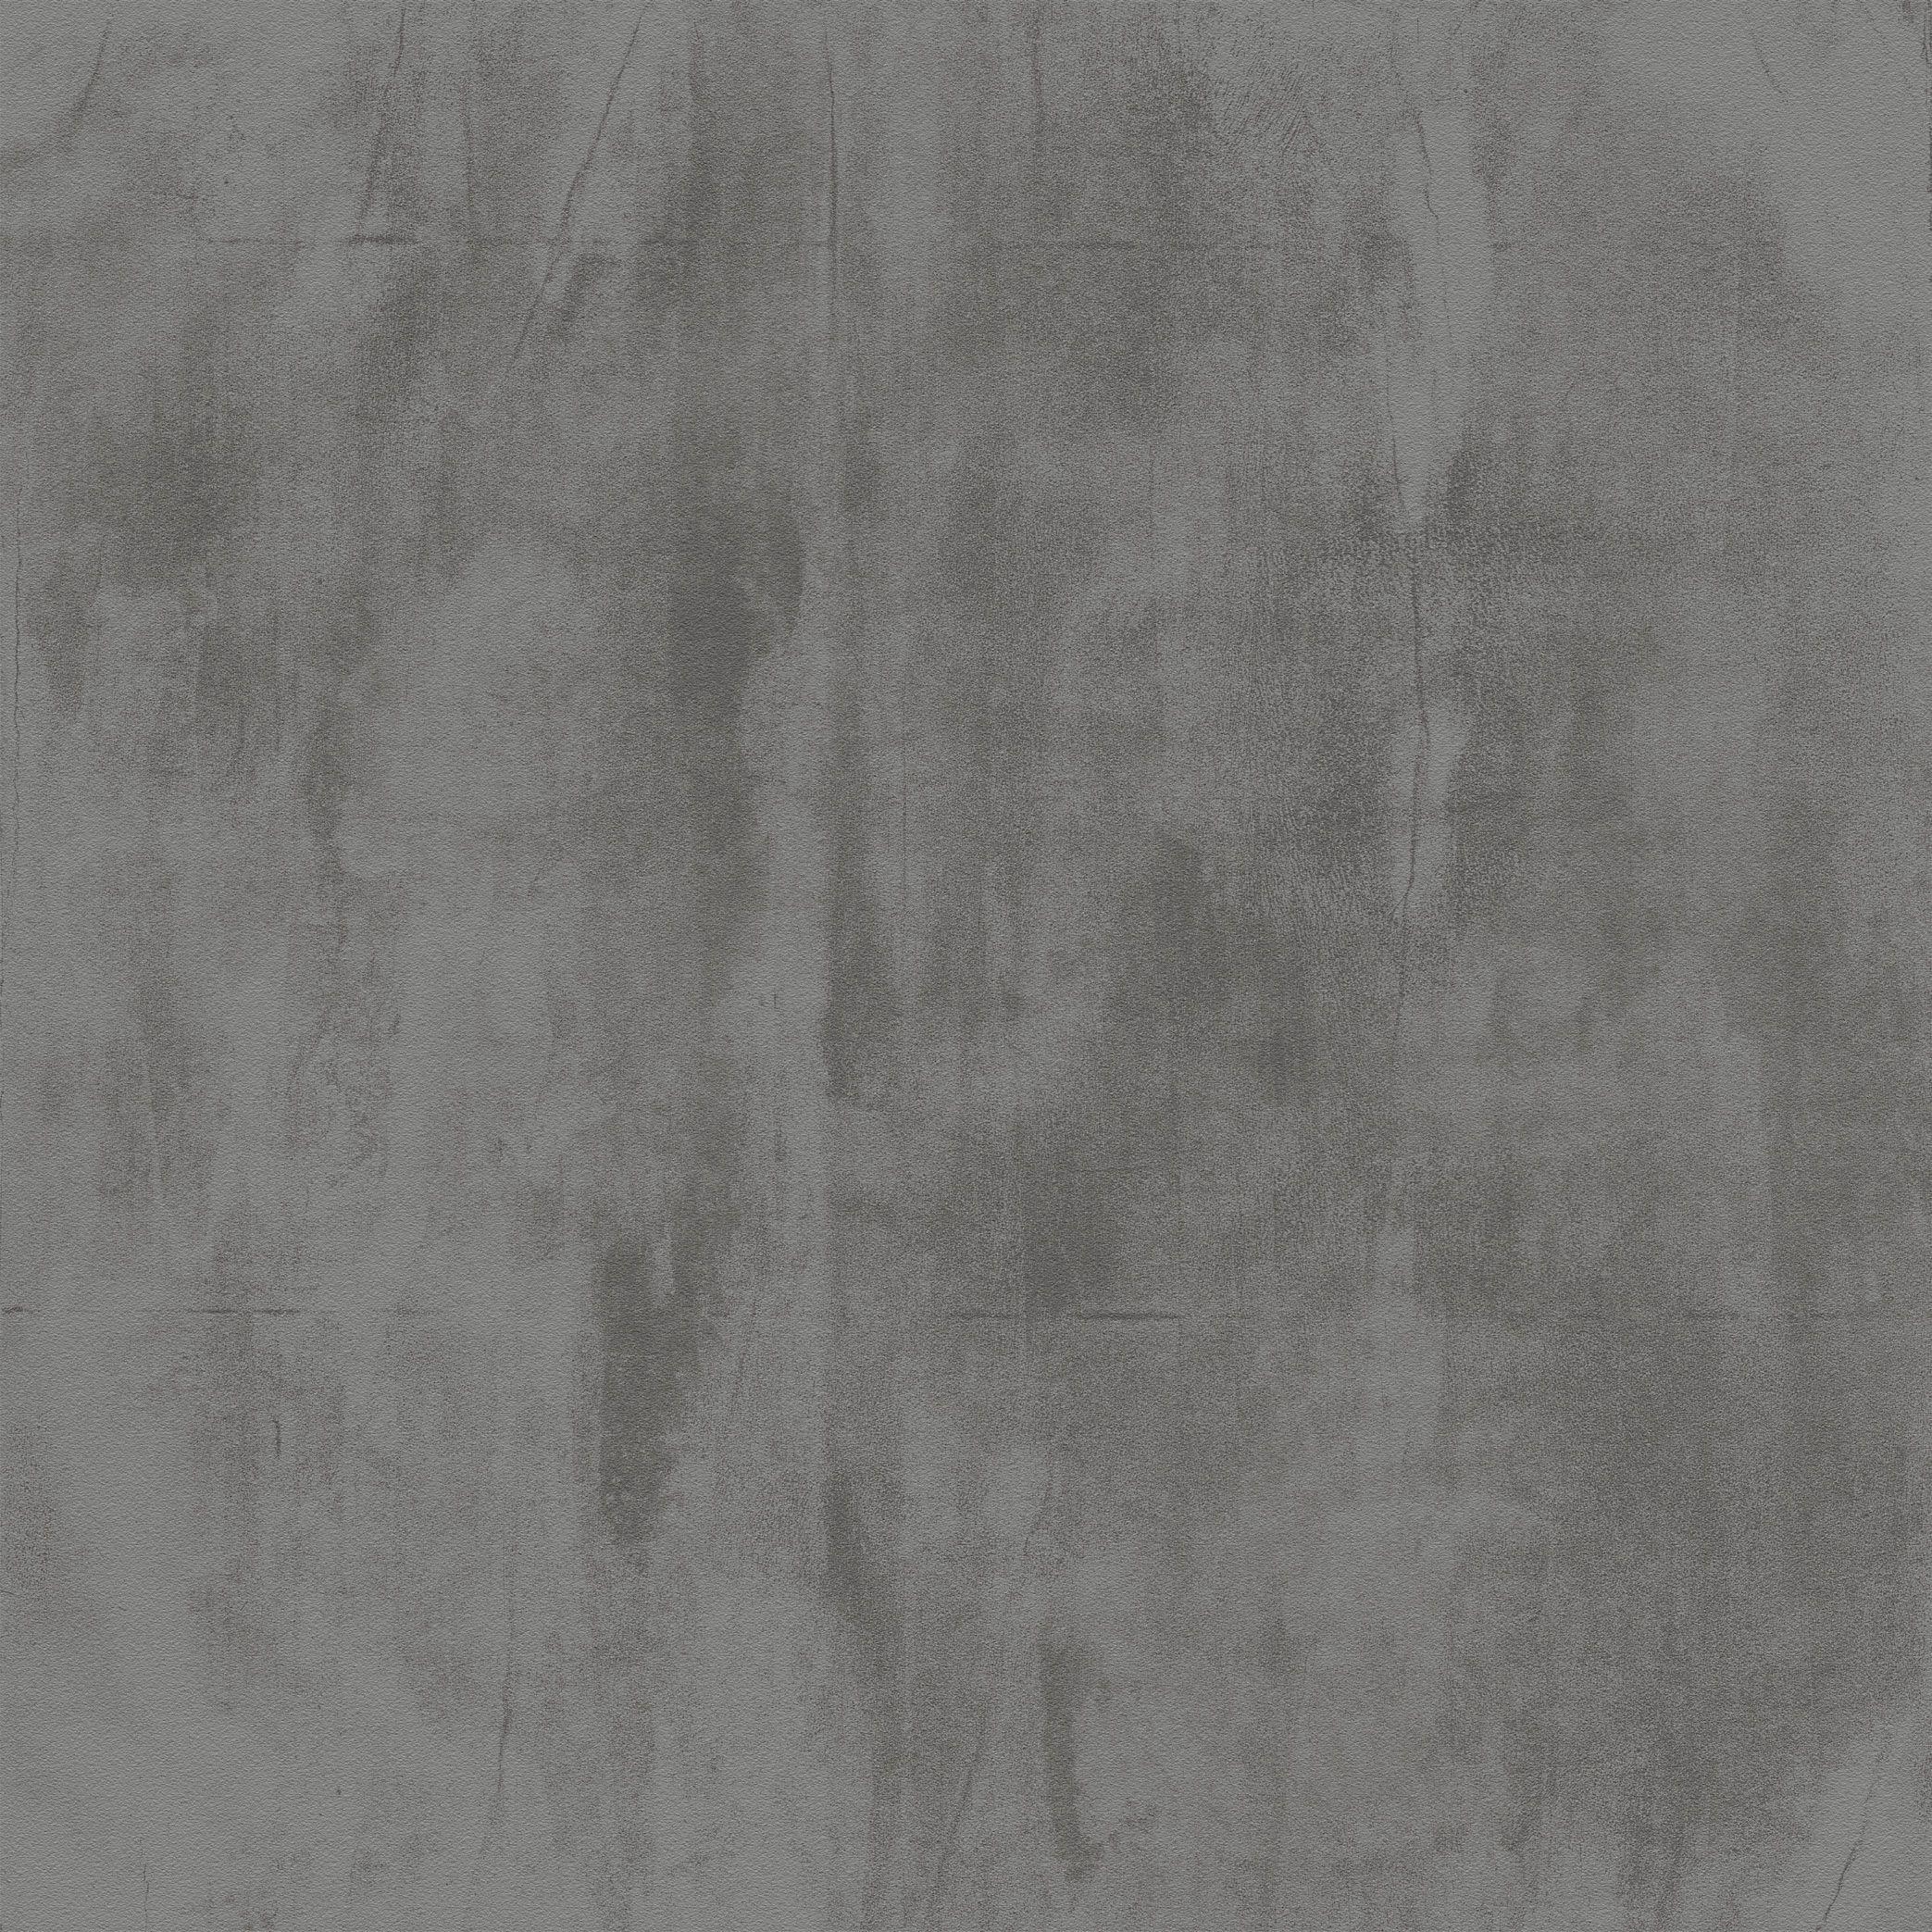 Concep O De Cimento Queimado Cinza Escuro 1436 E Pre O Http Ift  ~ Quadros Para Imprimir Quarto E Piso Em Parede De Quarto